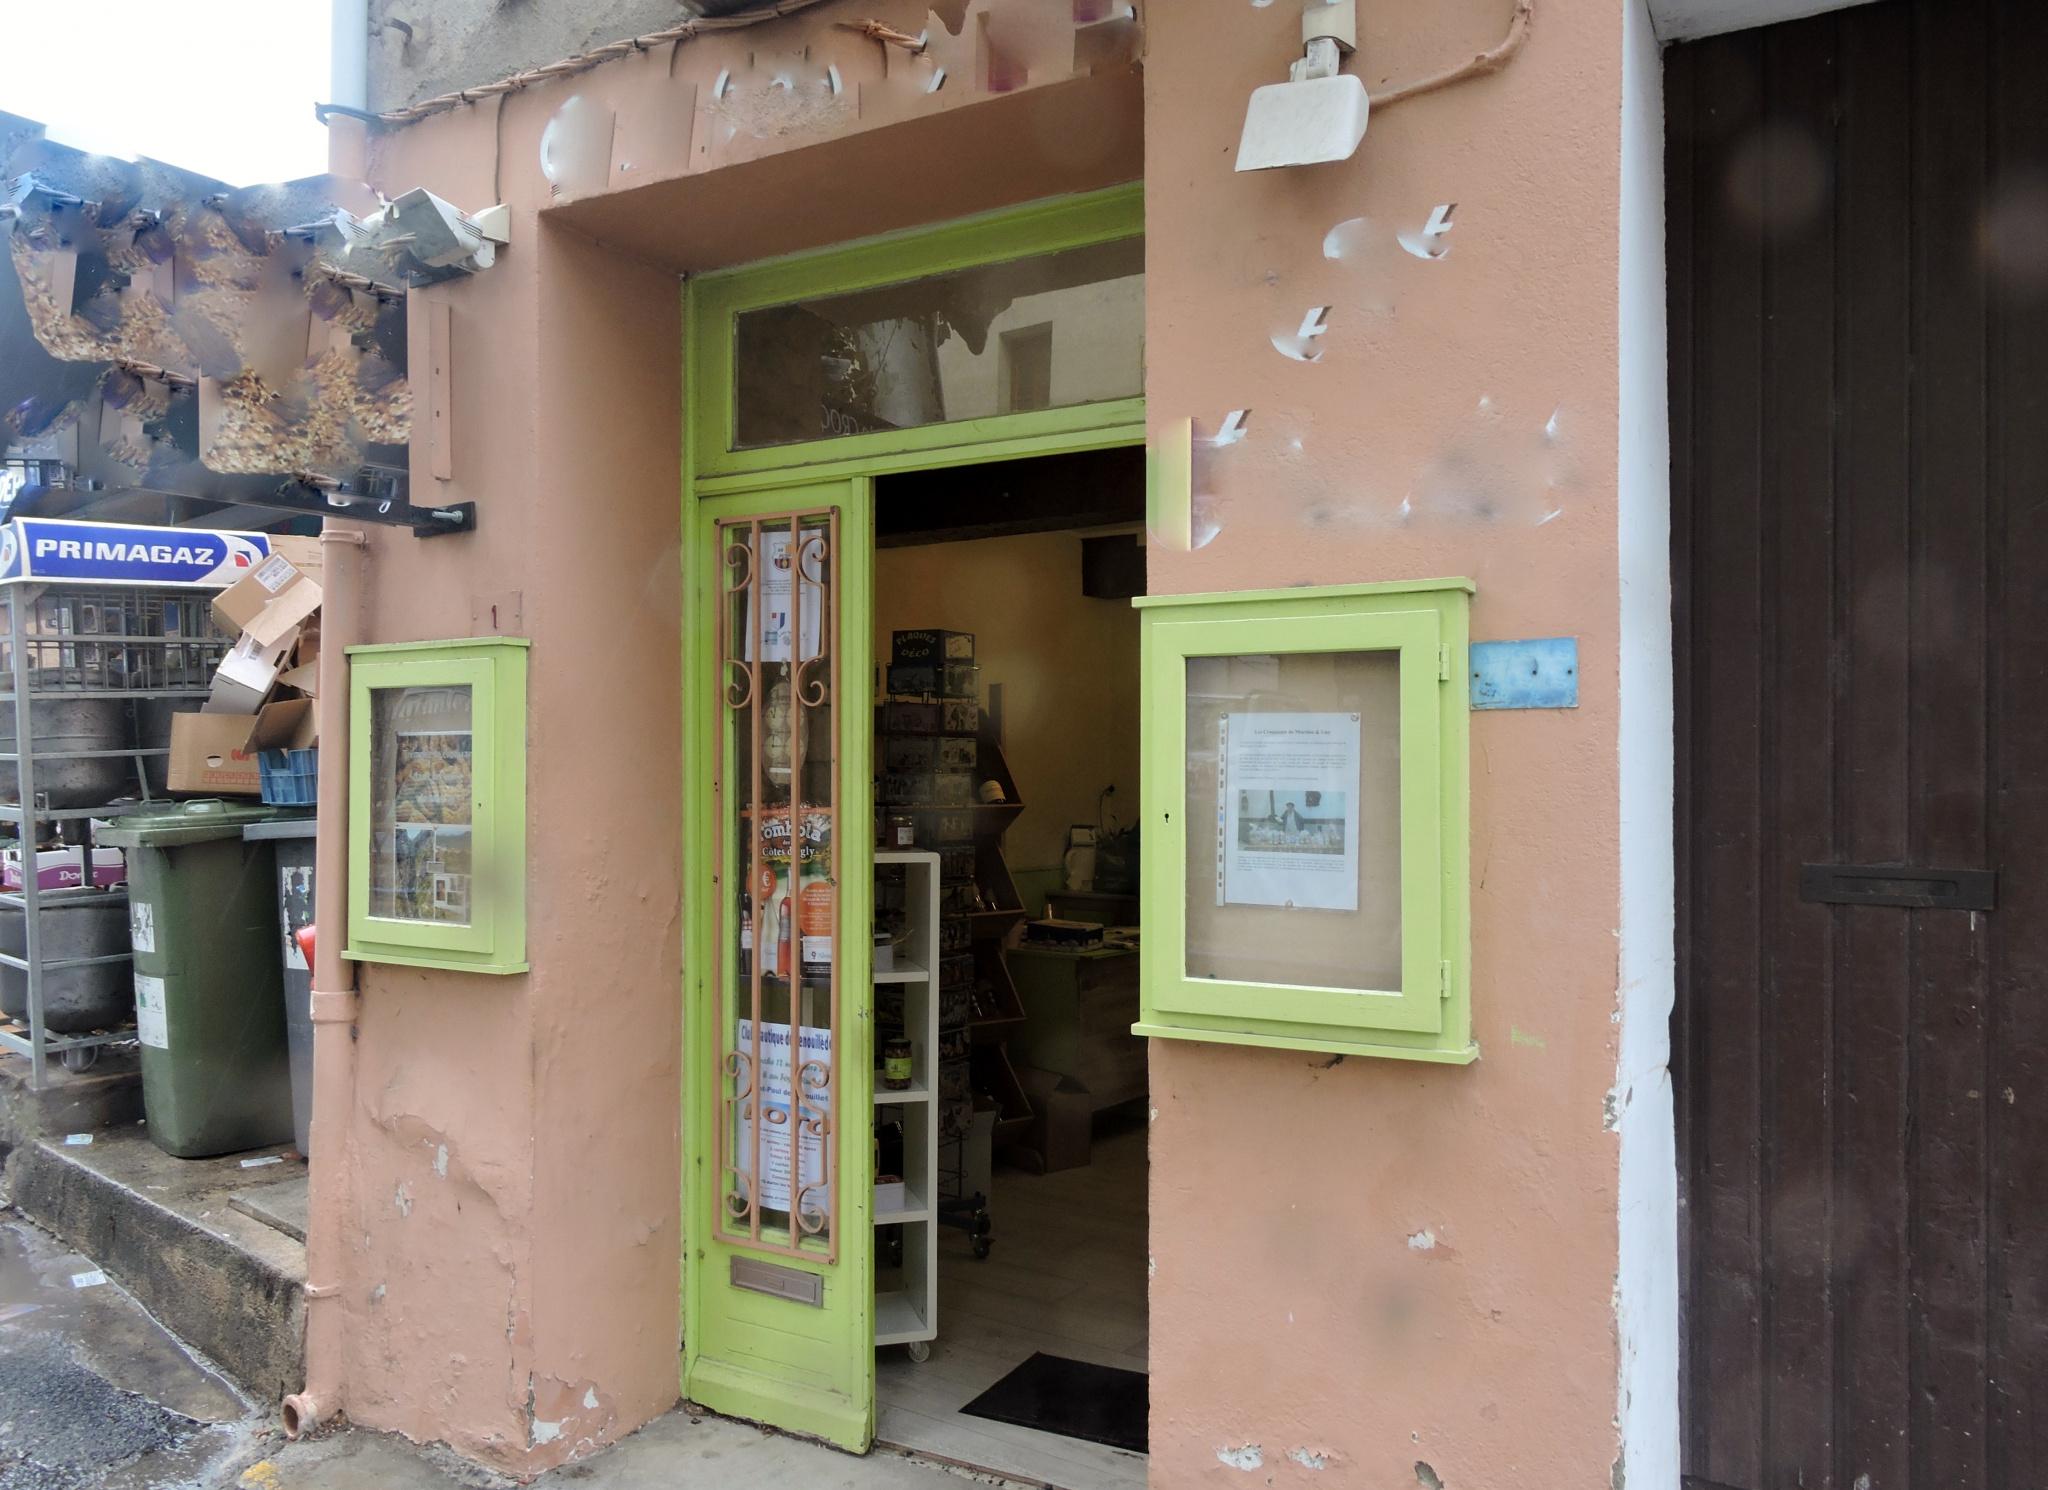 Vente Immobilier Professionnel Murs commerciaux Saint-Paul-de-Fenouillet 66220